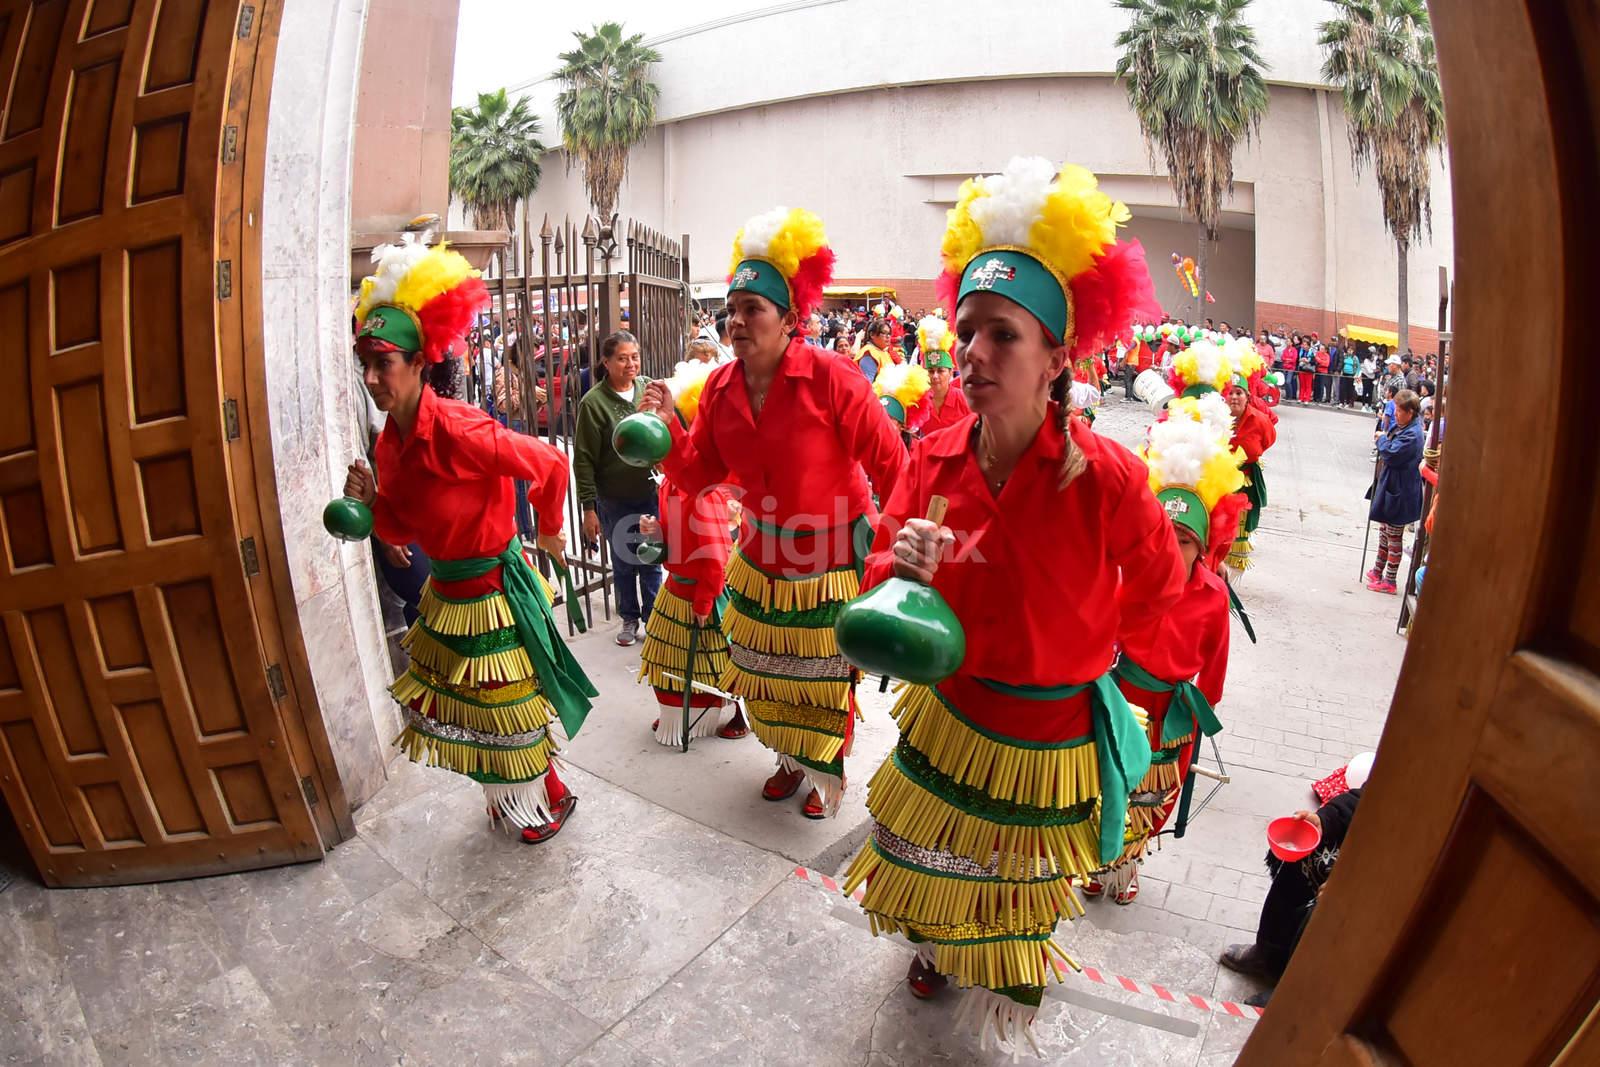 Inician peregrinaciones en Torreón con bendición de danzas